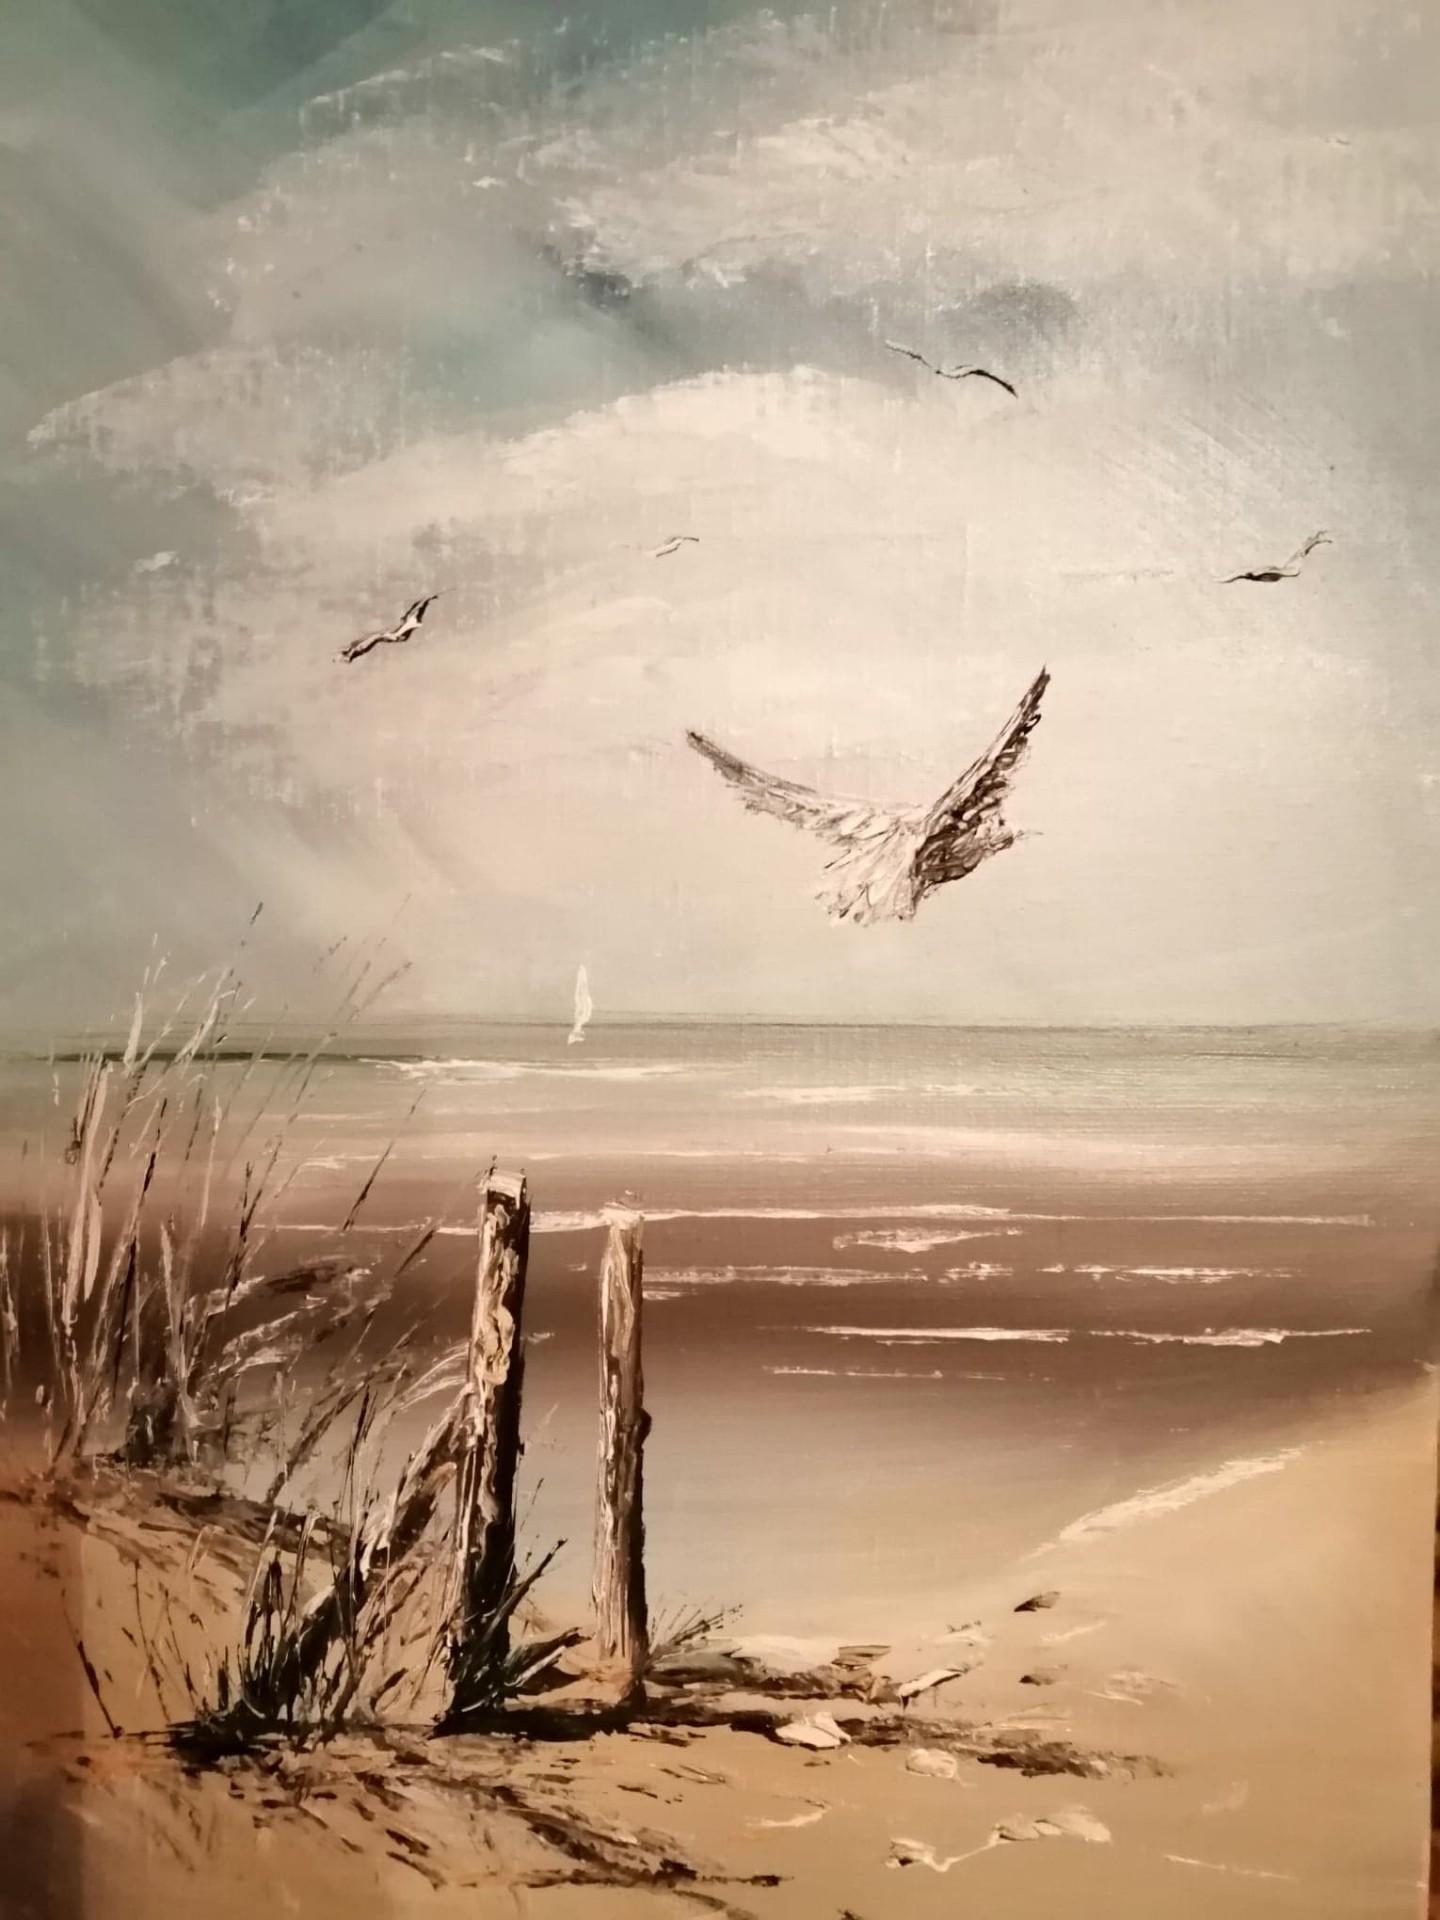 En bordure de plage 33 x 46 cm